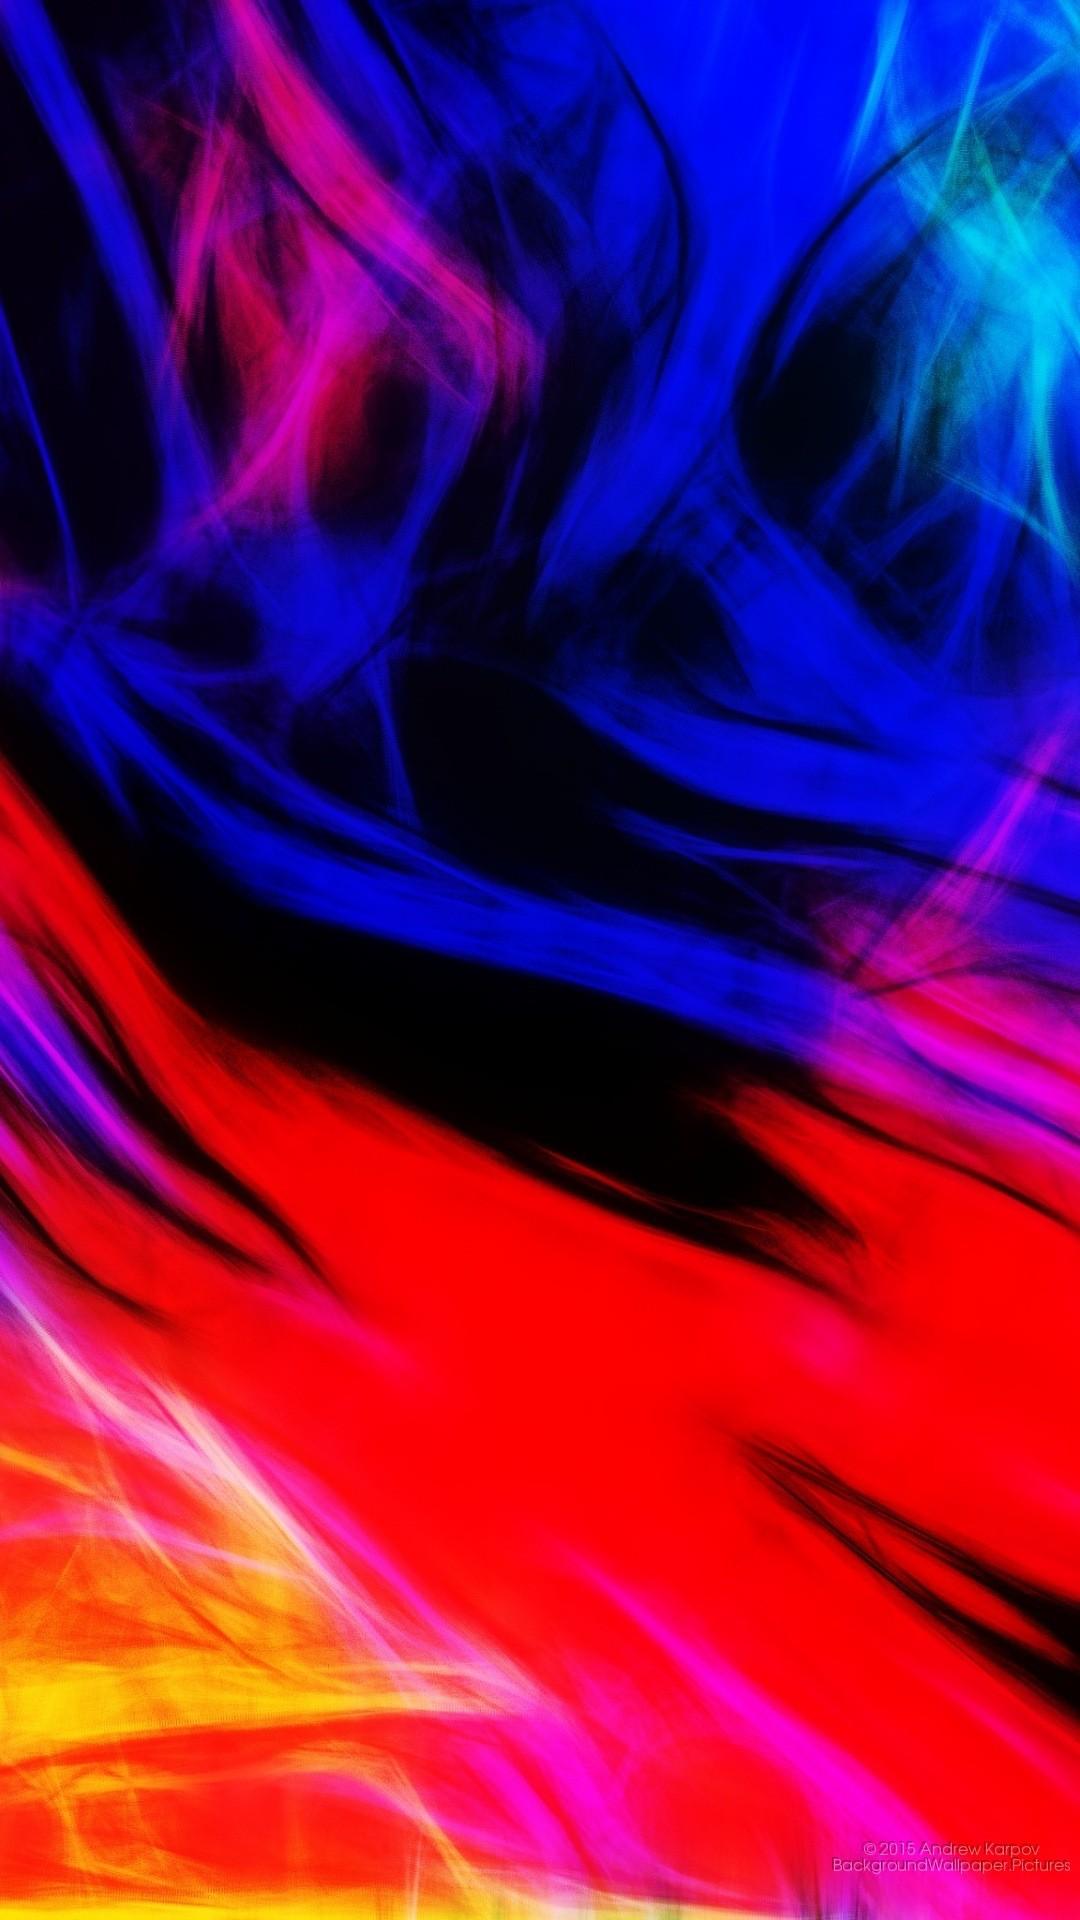 Sfondi cellulare samsung 75 immagini for Sfondi cellulare full hd